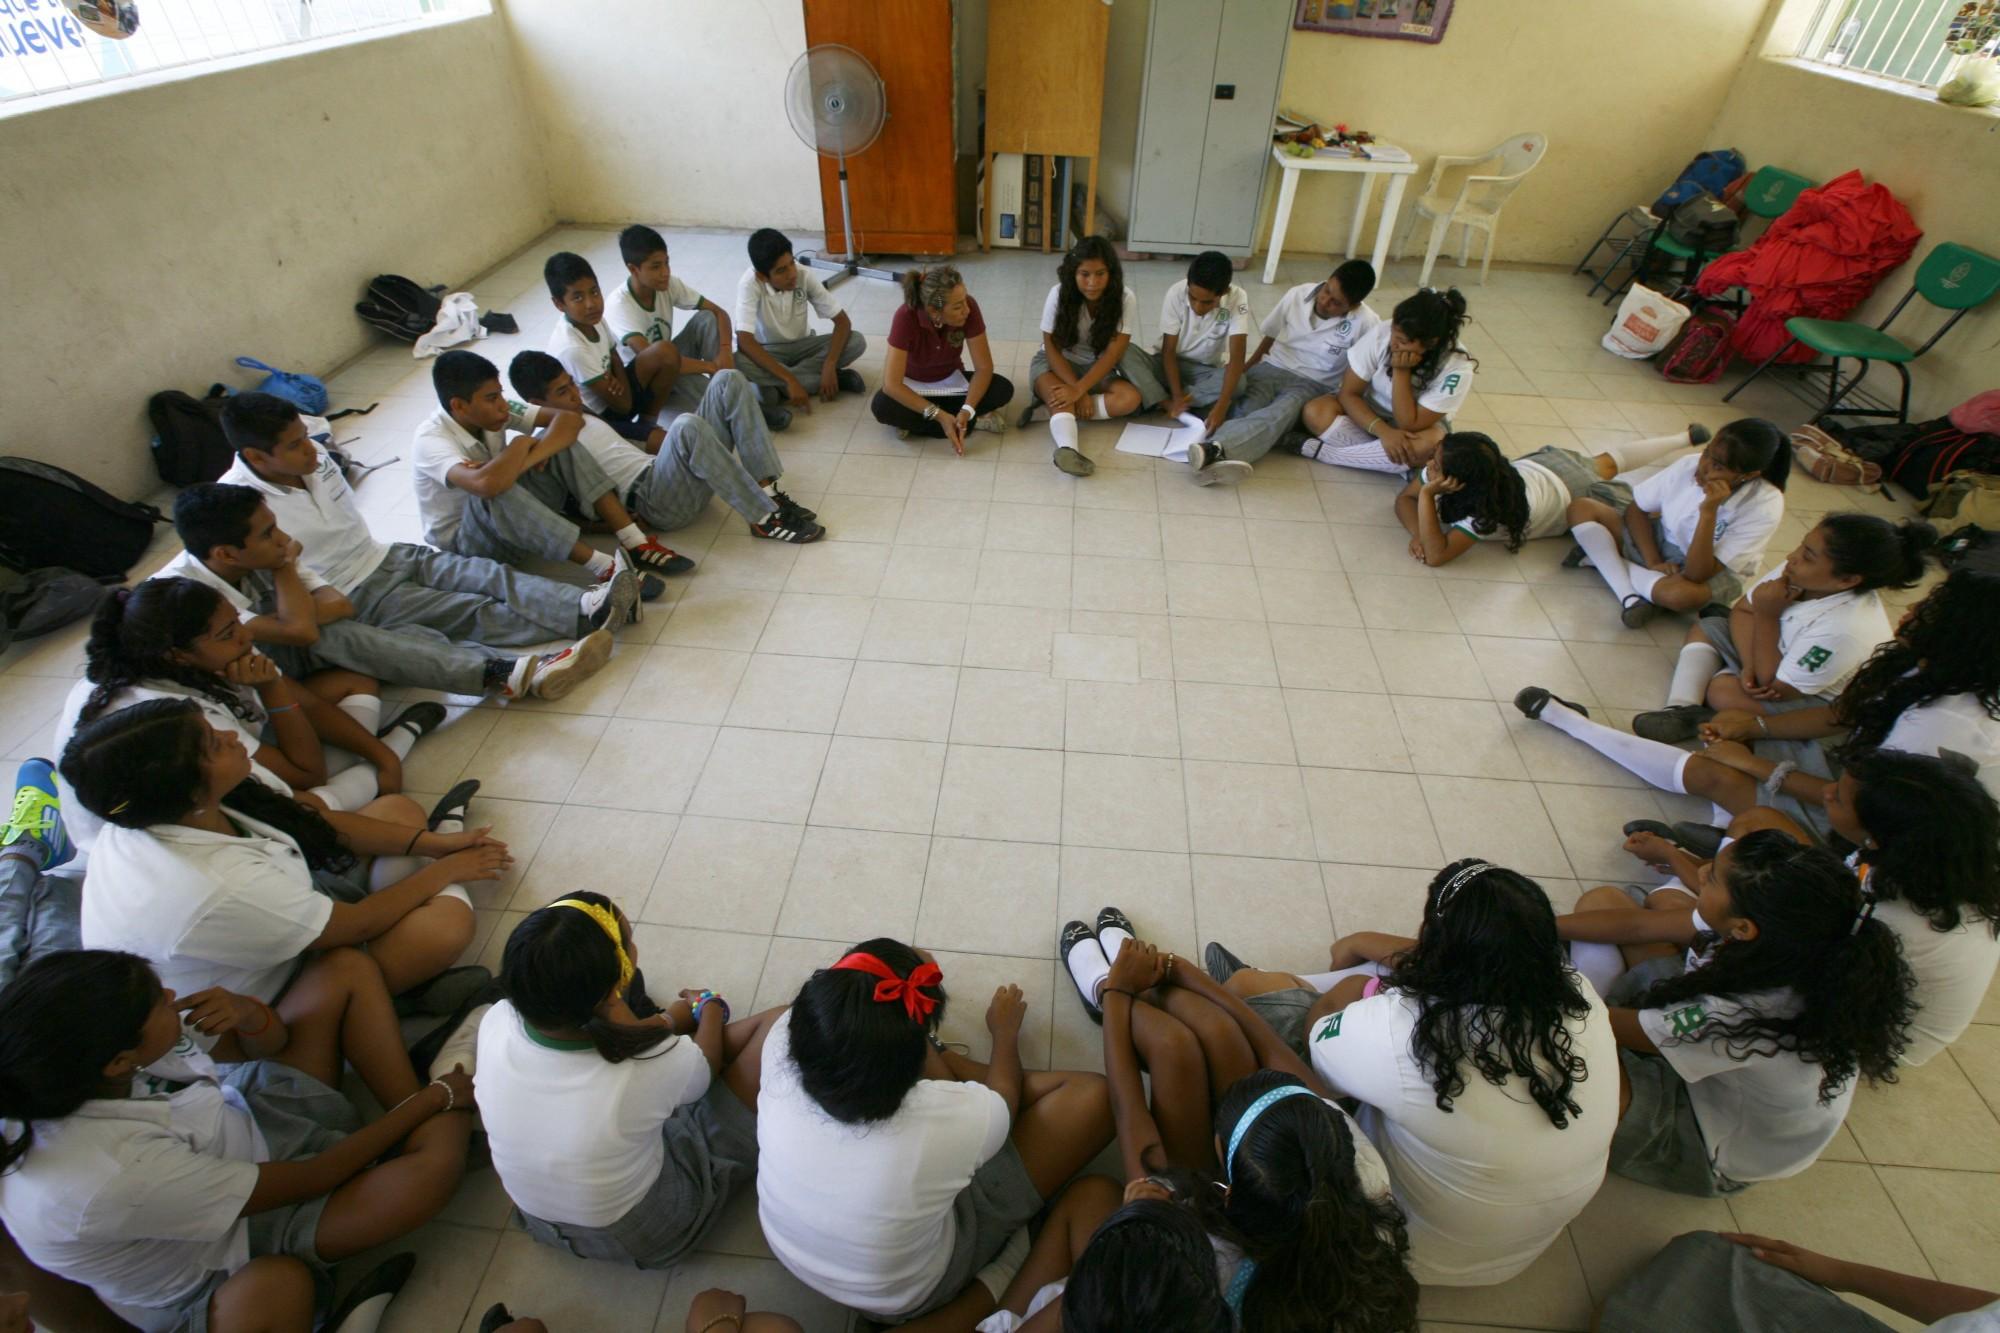 Estudiantes de una primaria en Acapulco se sientan en círculo para una clase.